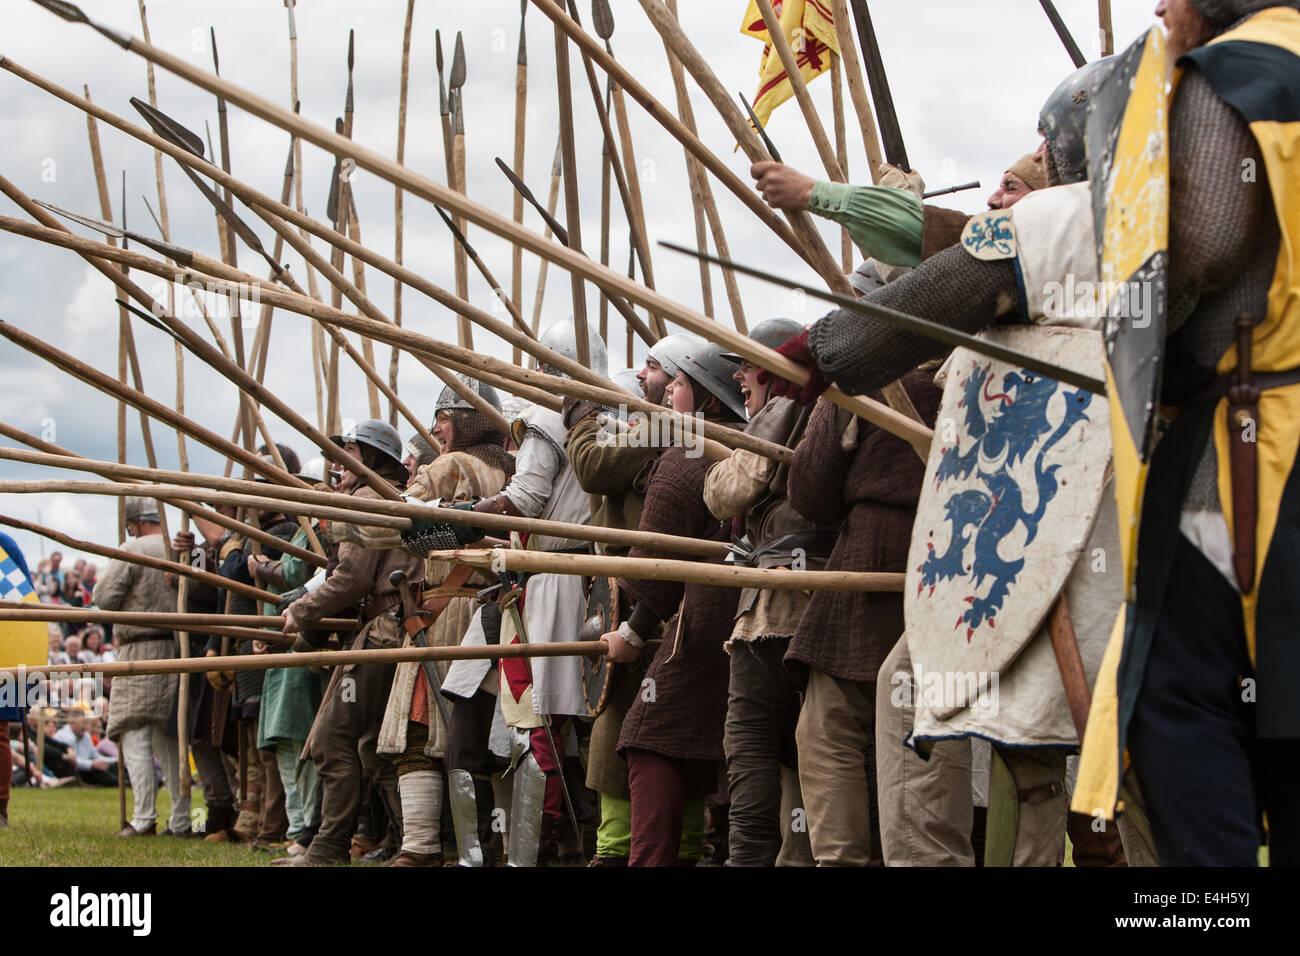 reenactment-der-schlacht-von-bannockburn-mit-robert-the-bruce-bei-bannockburn-leben-700-jahre-gedenken-an-die-schlacht-schottland-e4h5yj.jpg